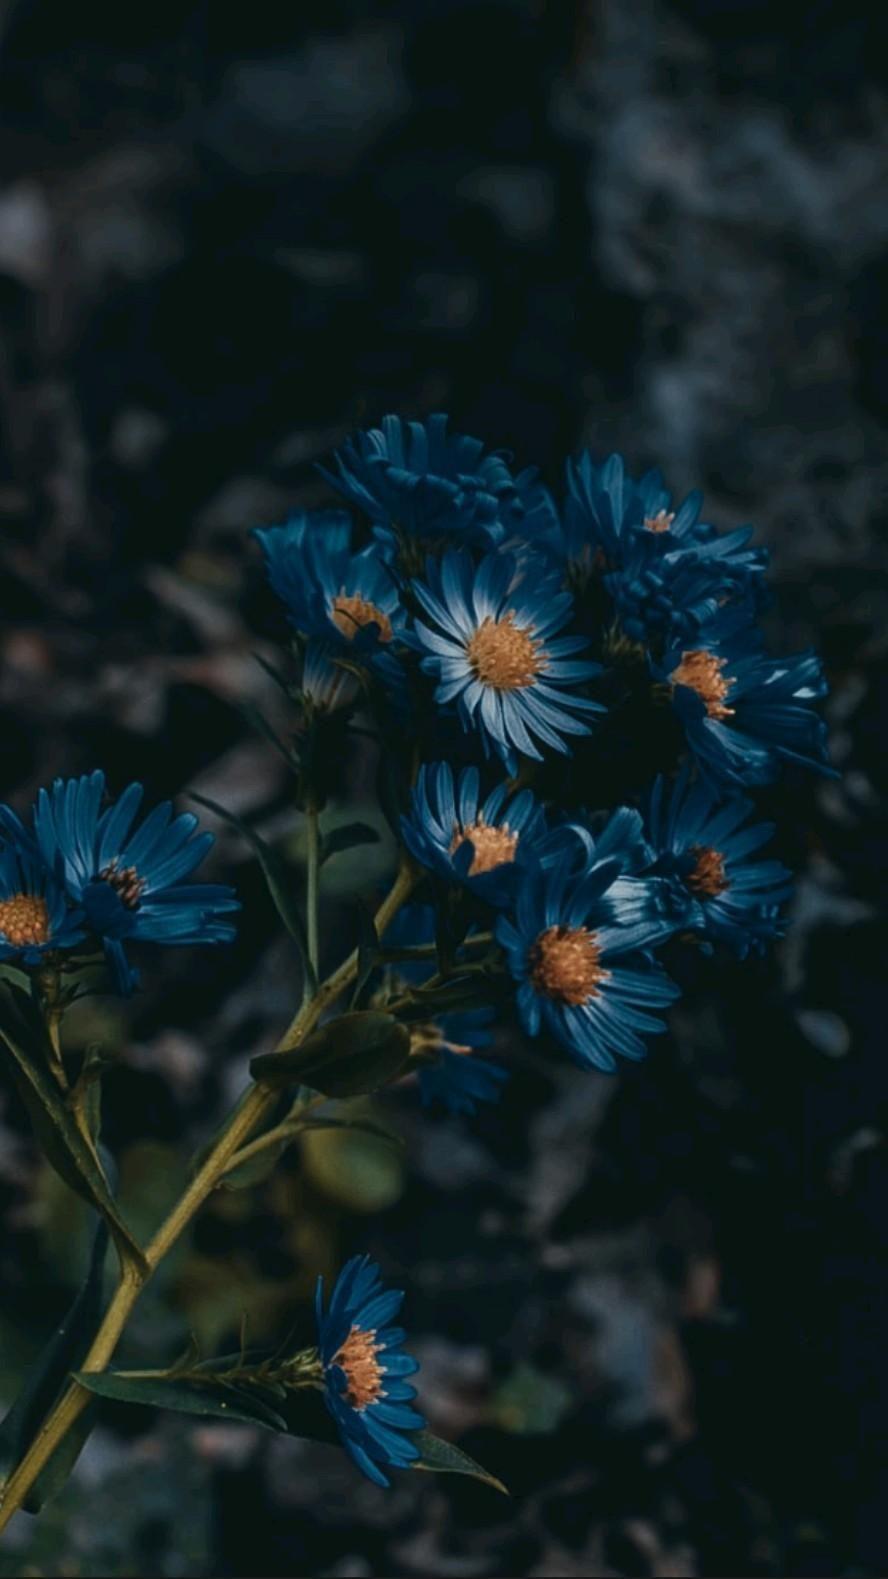 Blue beauty 💙